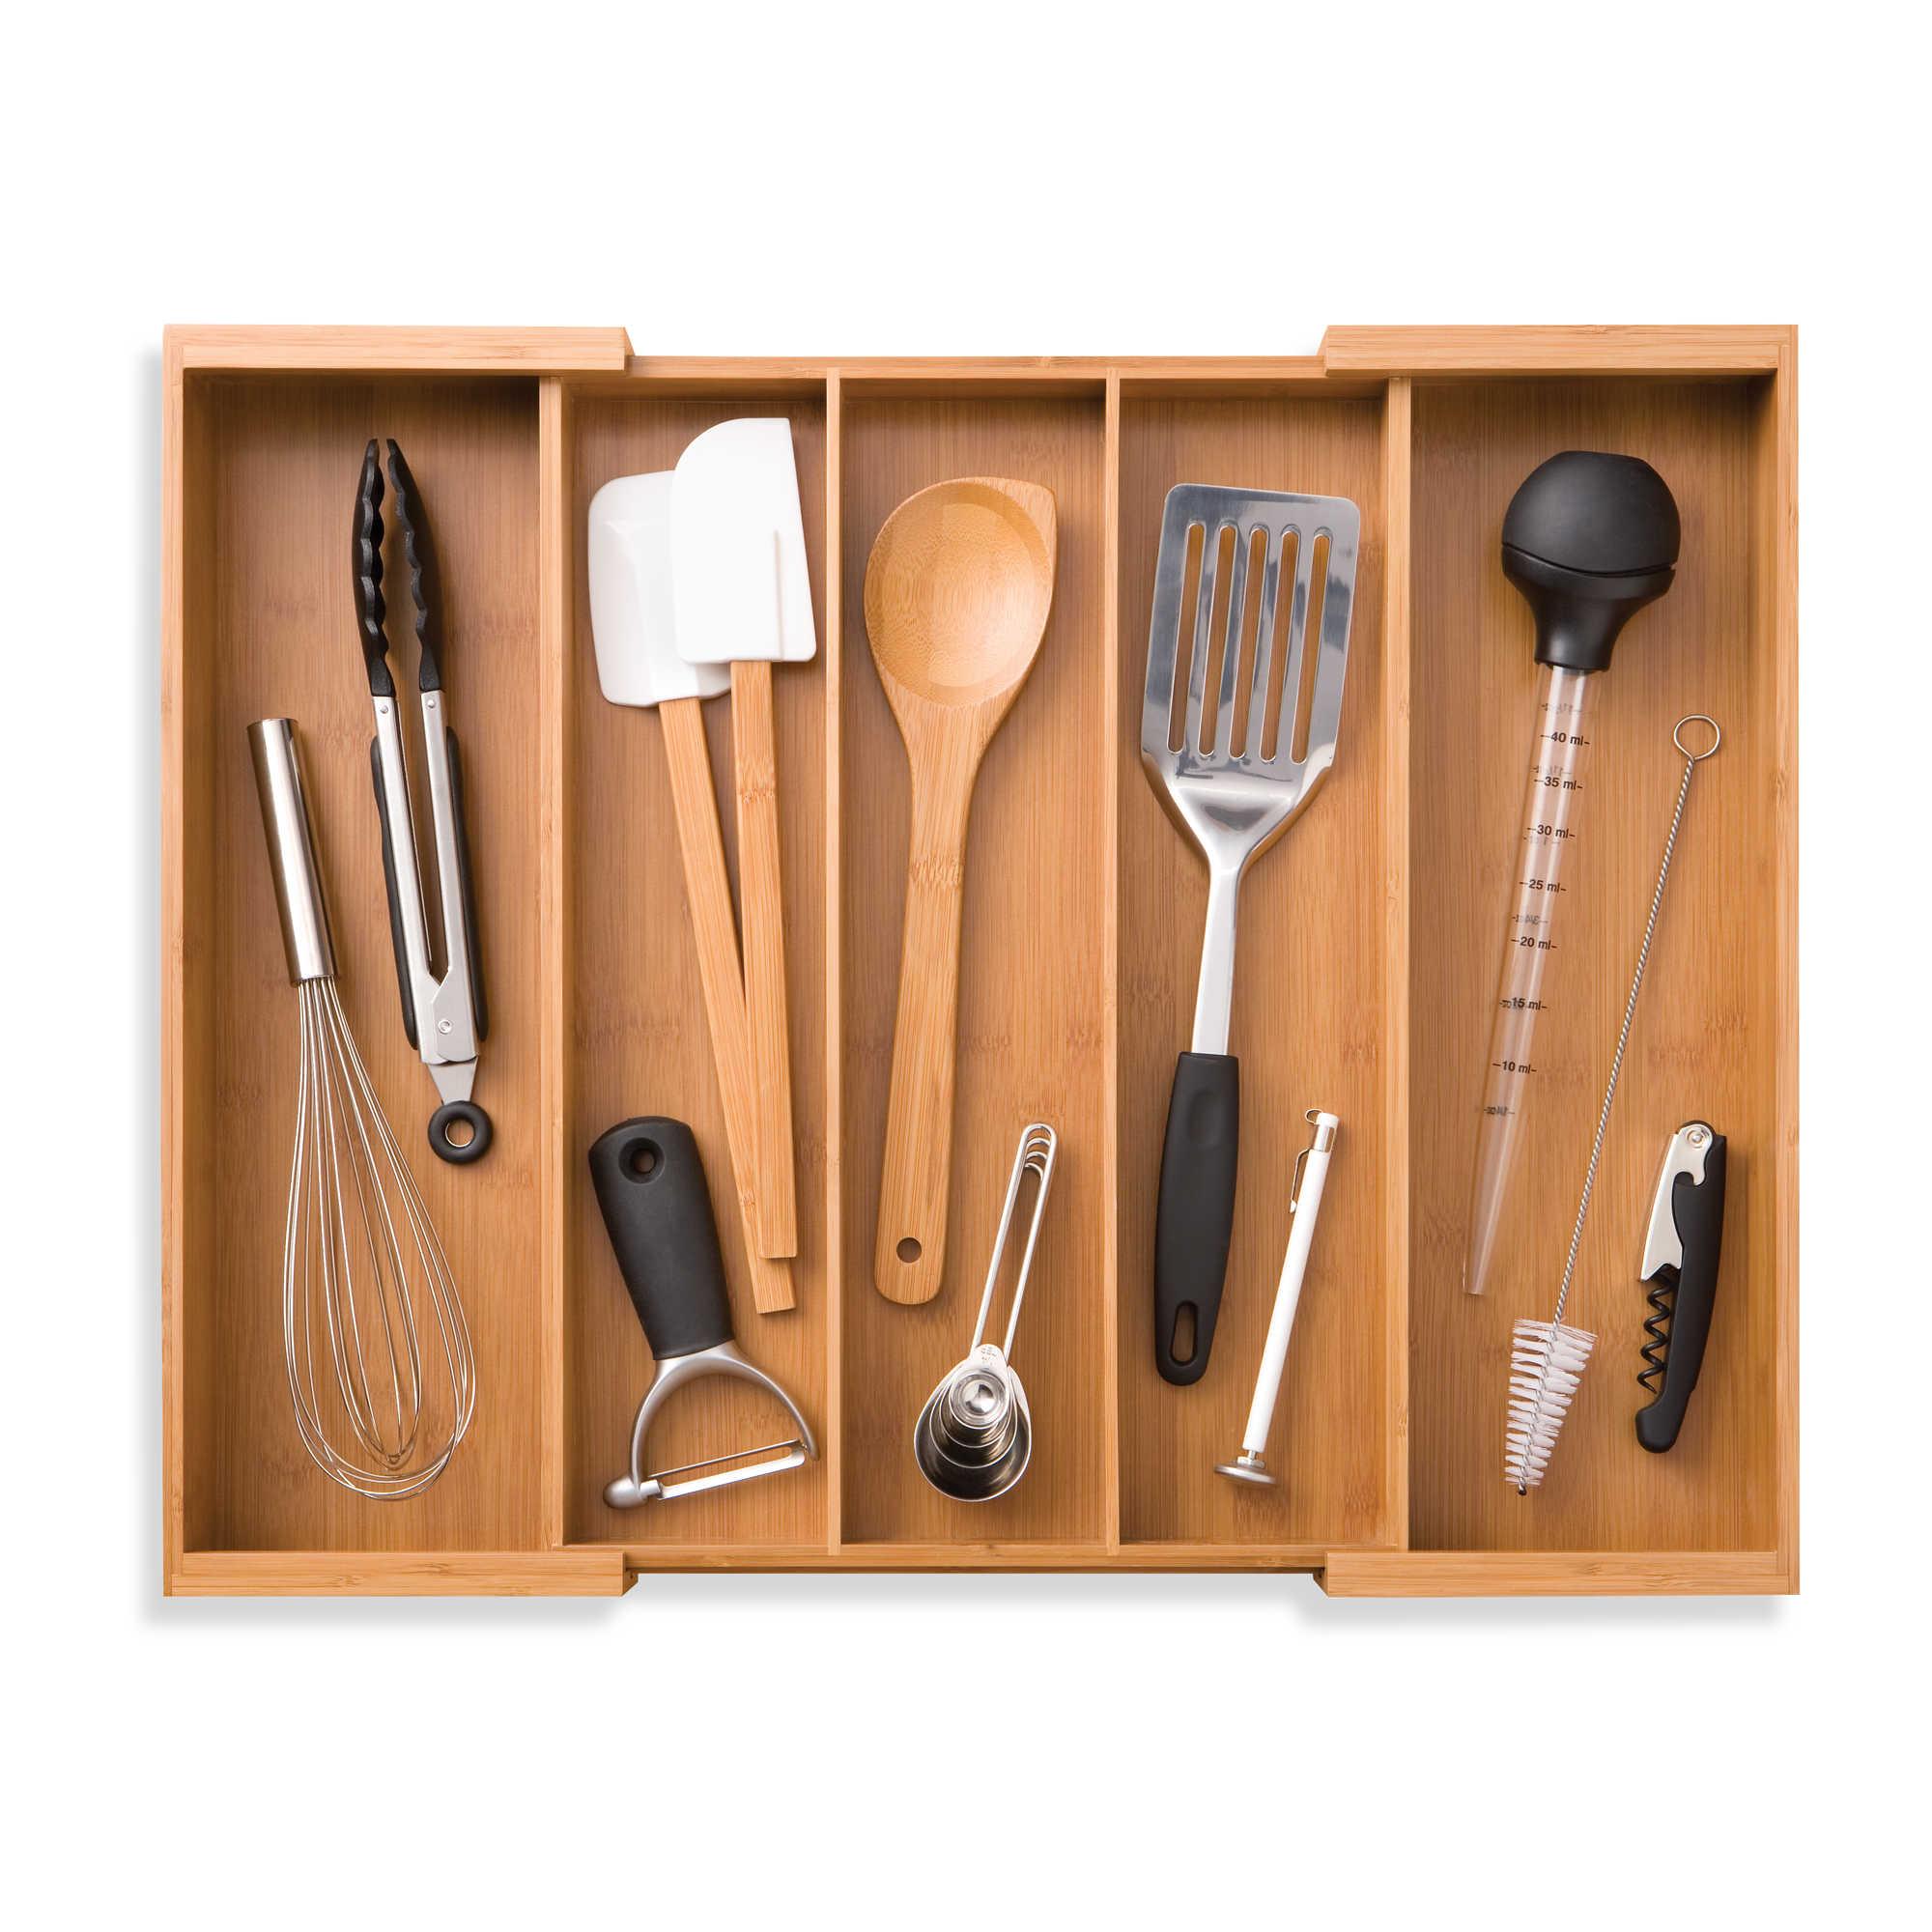 Seville expandable utensil tray